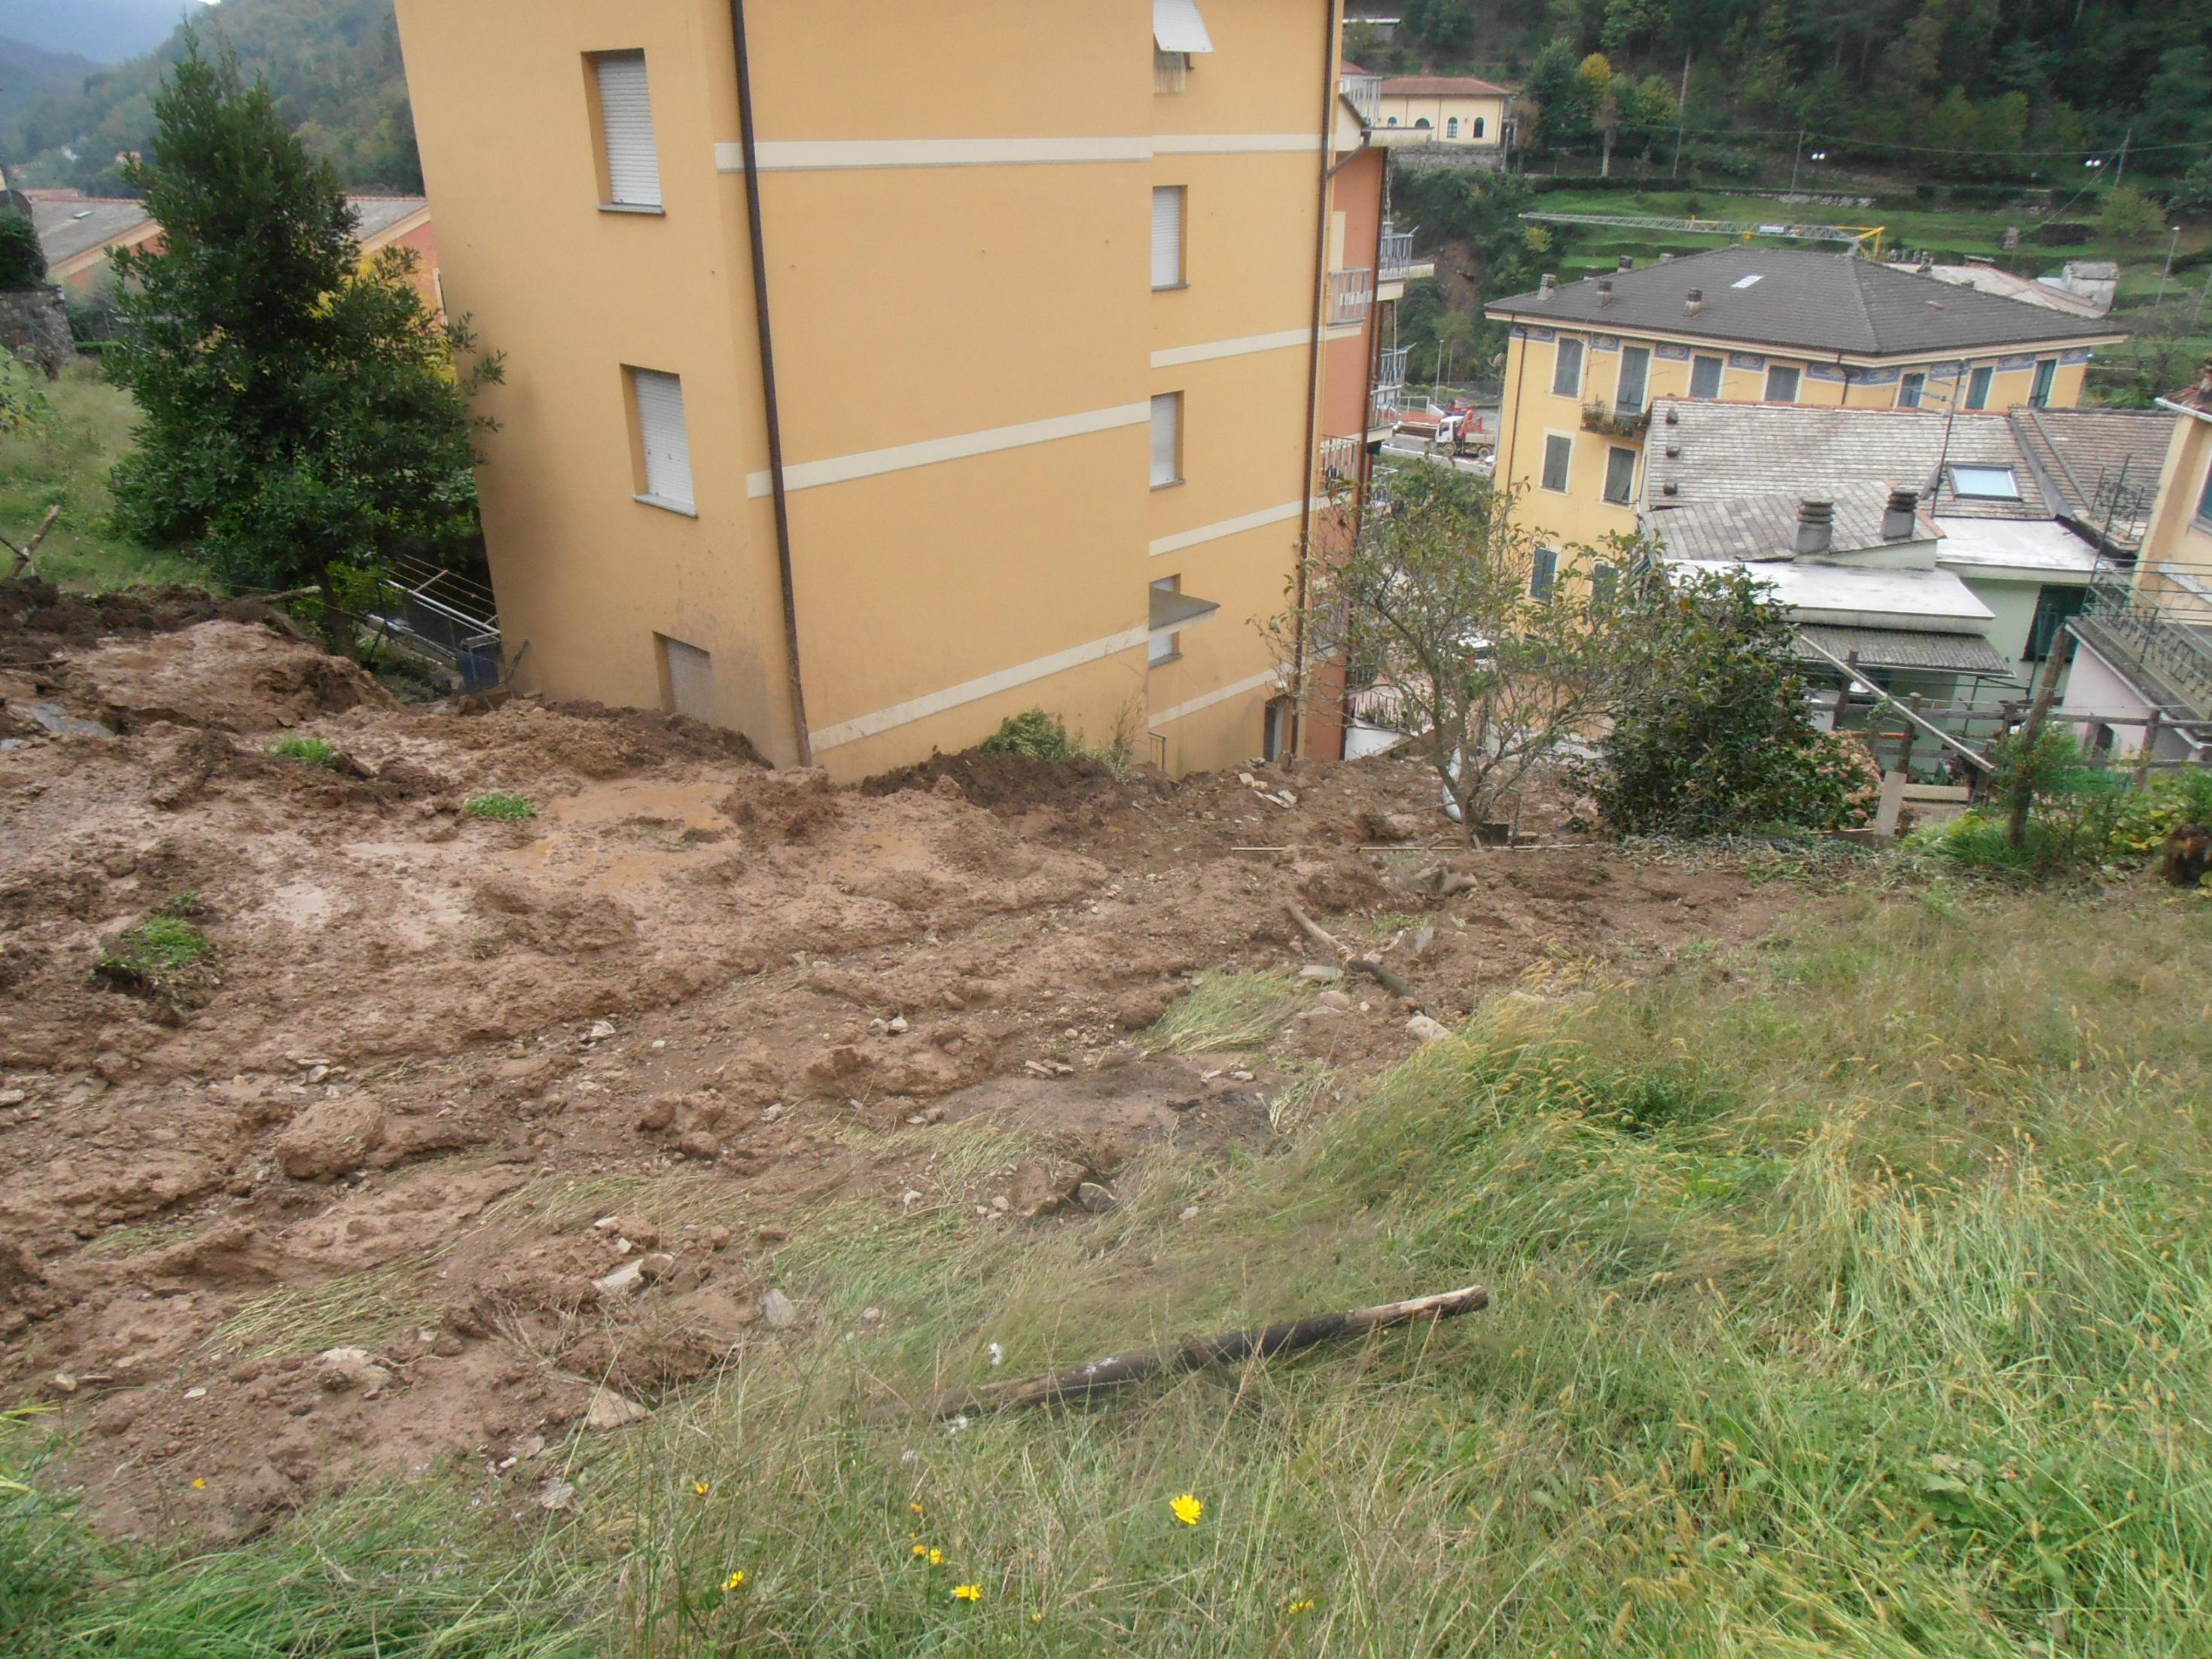 Una frana minaccia palazzi nel Genovese, 200 sfollati